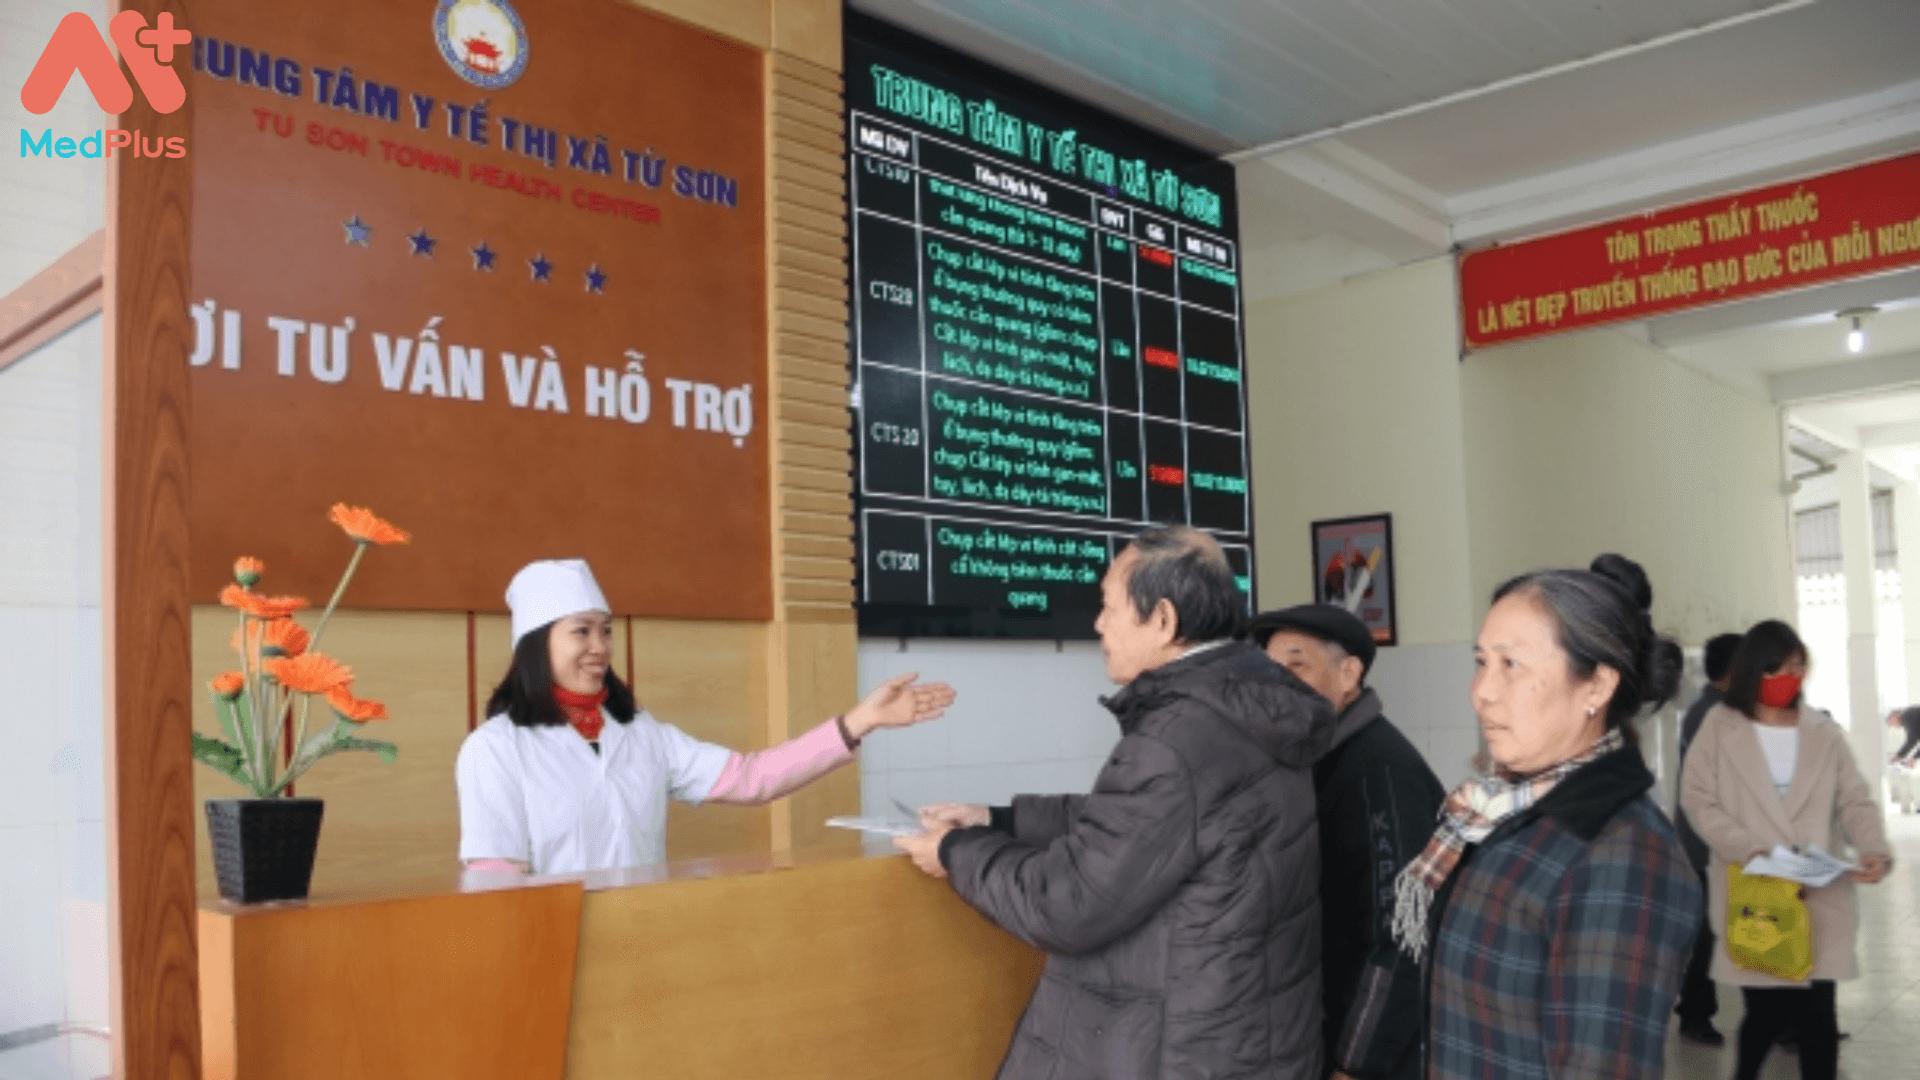 Giới thiệu về trung tâm Y tế Thị xã Từ Sơn